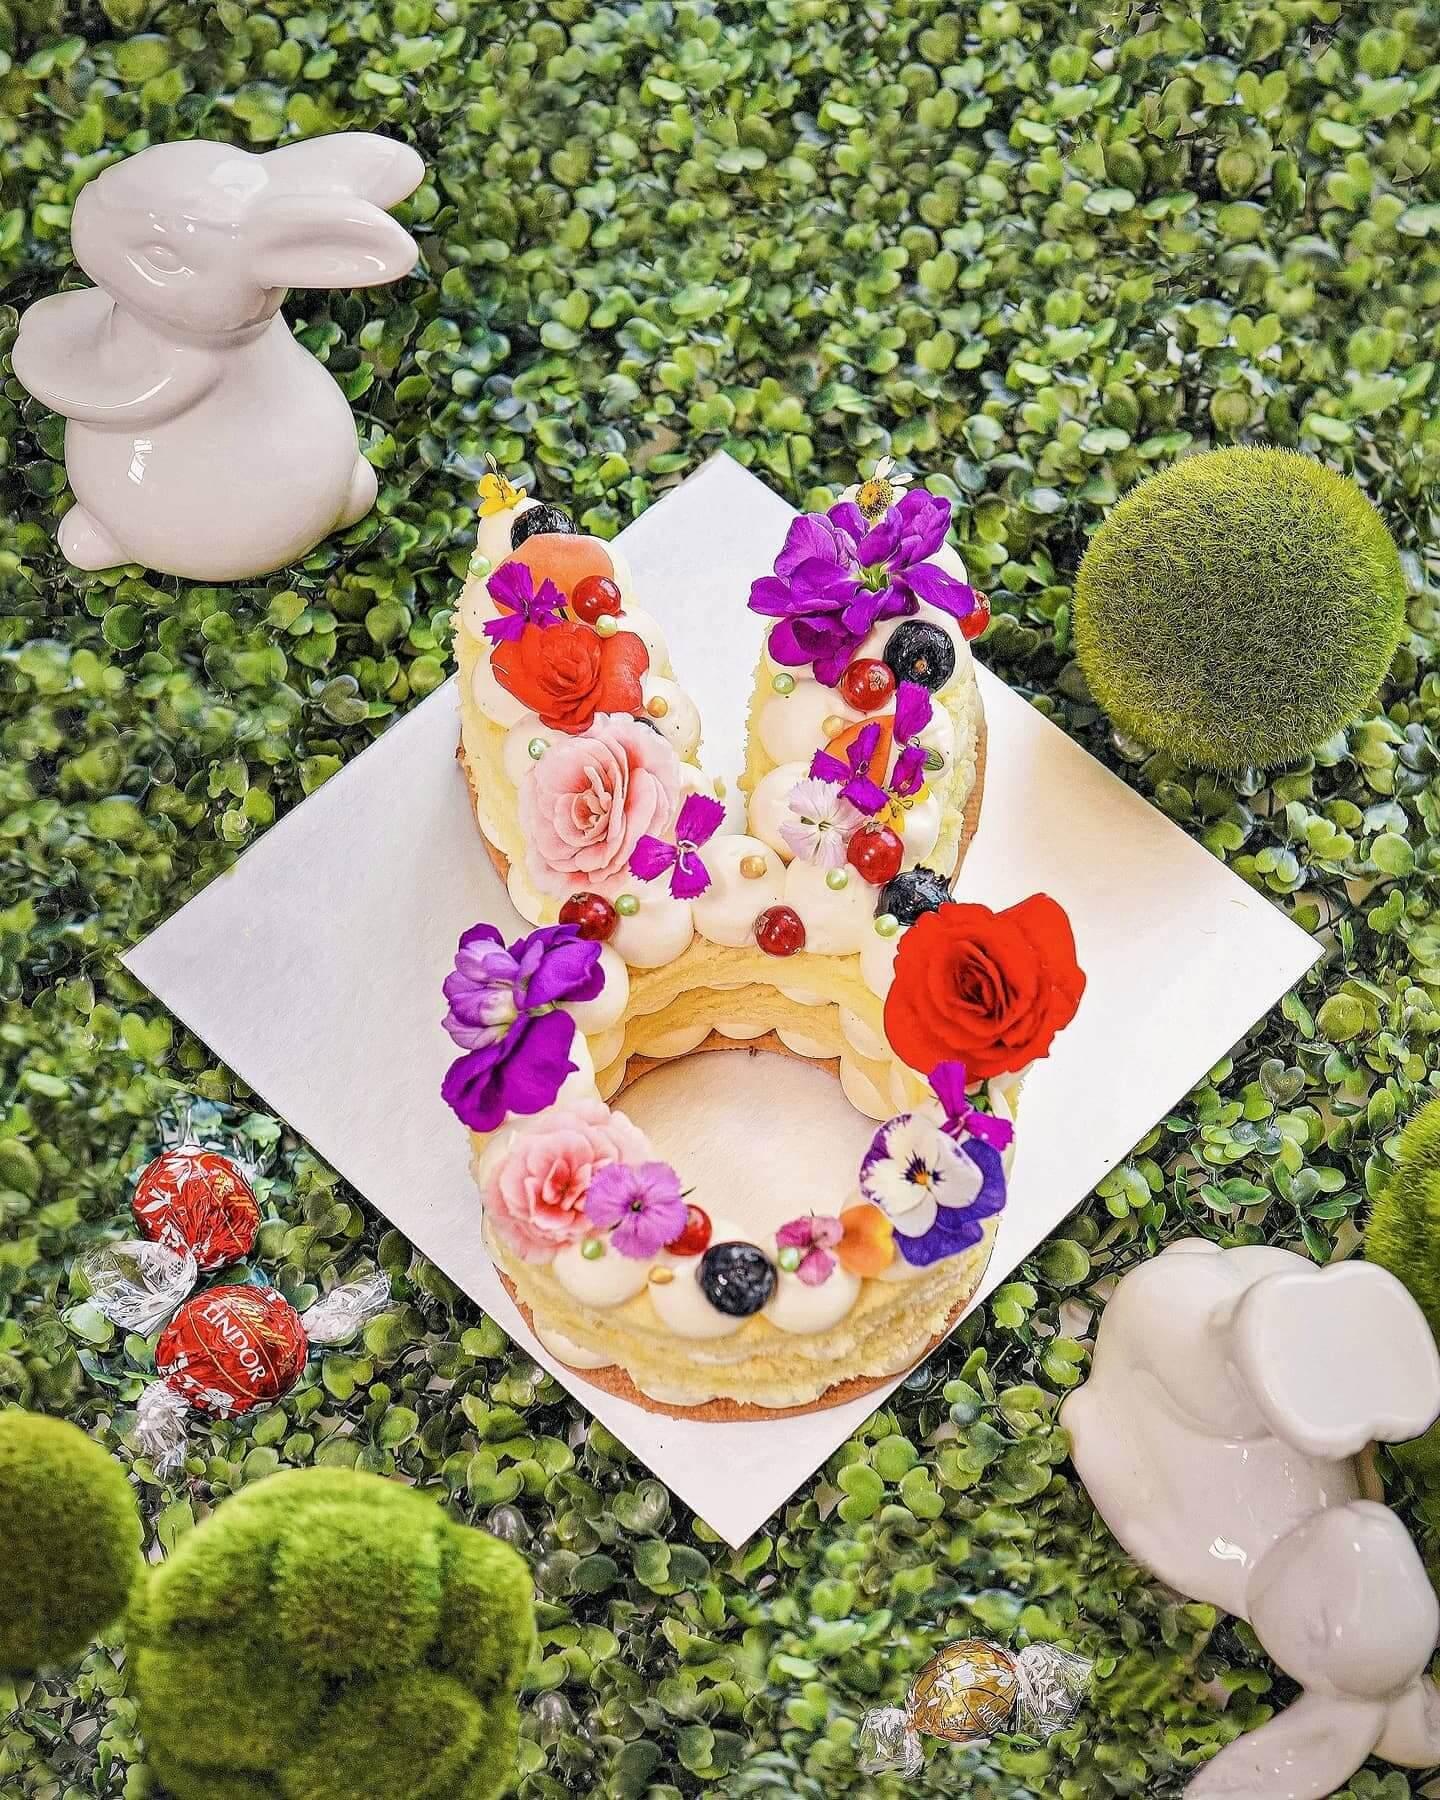 「復活兔層層疊」海綿蛋糕。